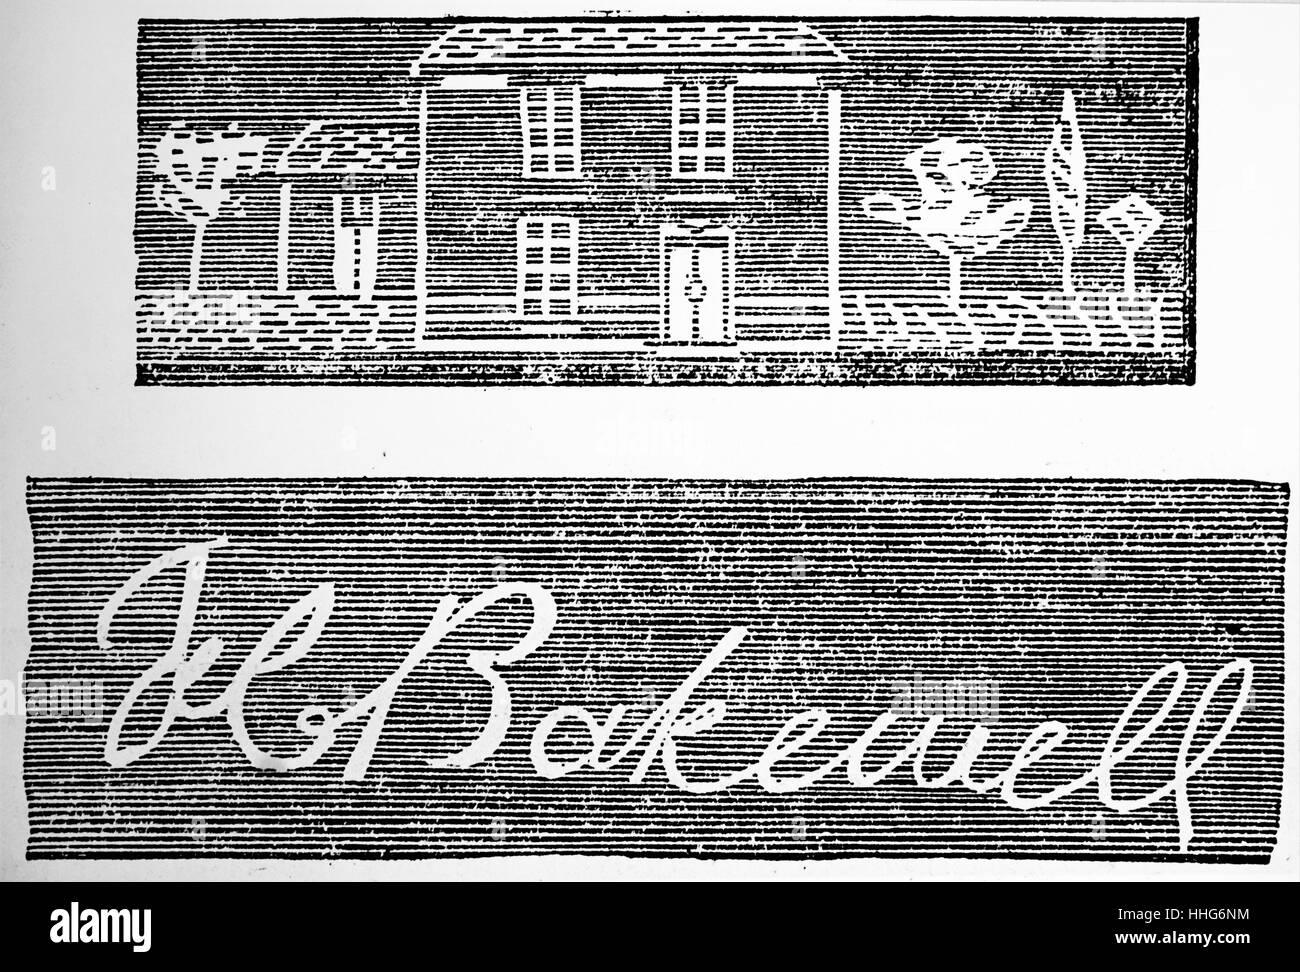 Beispiel für eine Nachricht erhielt am Bakewell Faksimile printing Telegraph. 1850. Stockbild